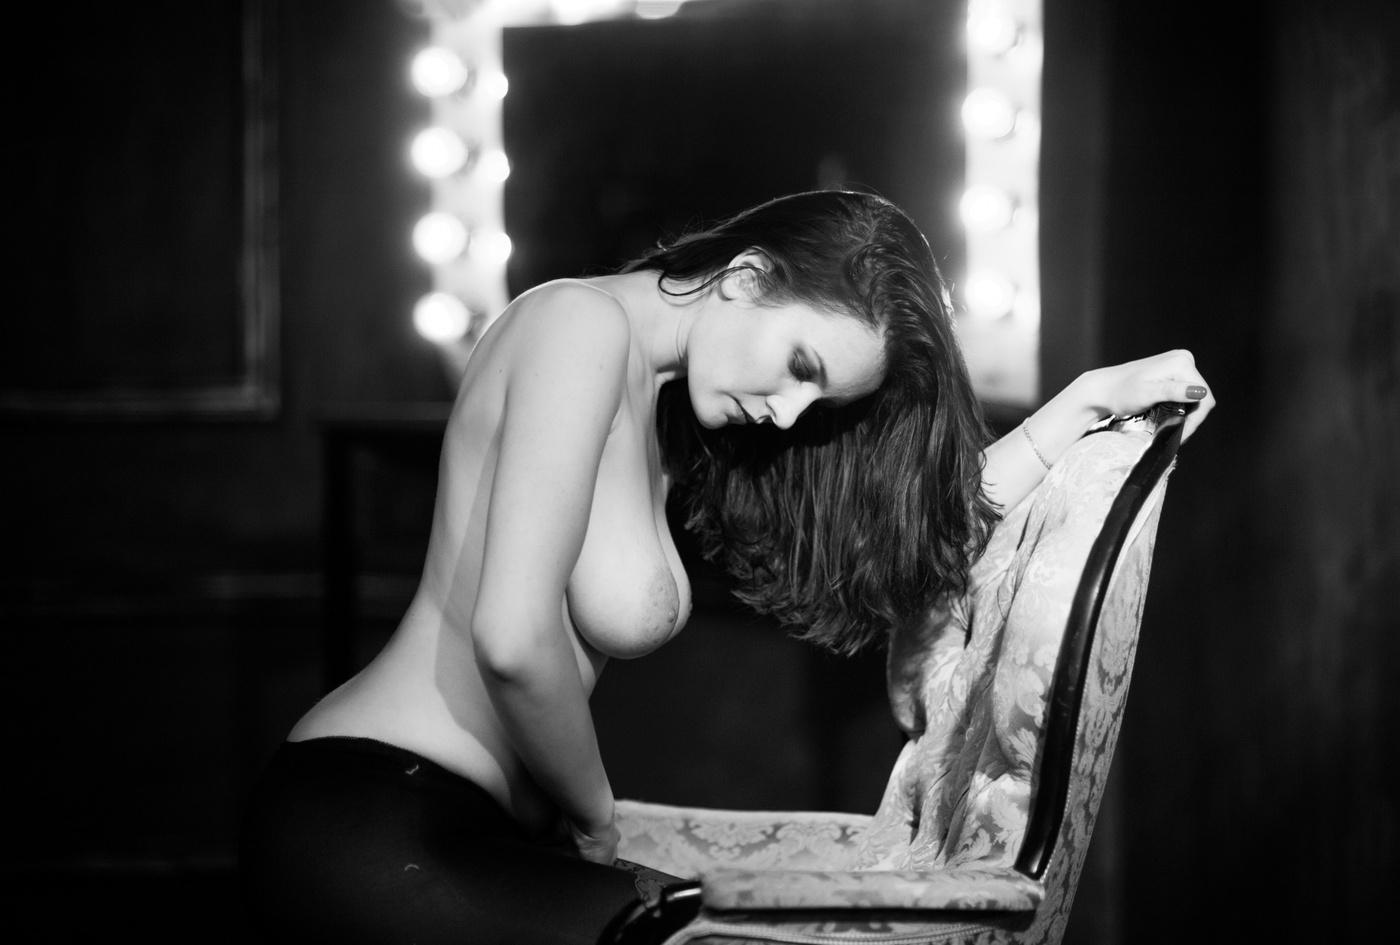 Розыгрыши эротические черно белые частные фото девушек шлюхи камчатке двое